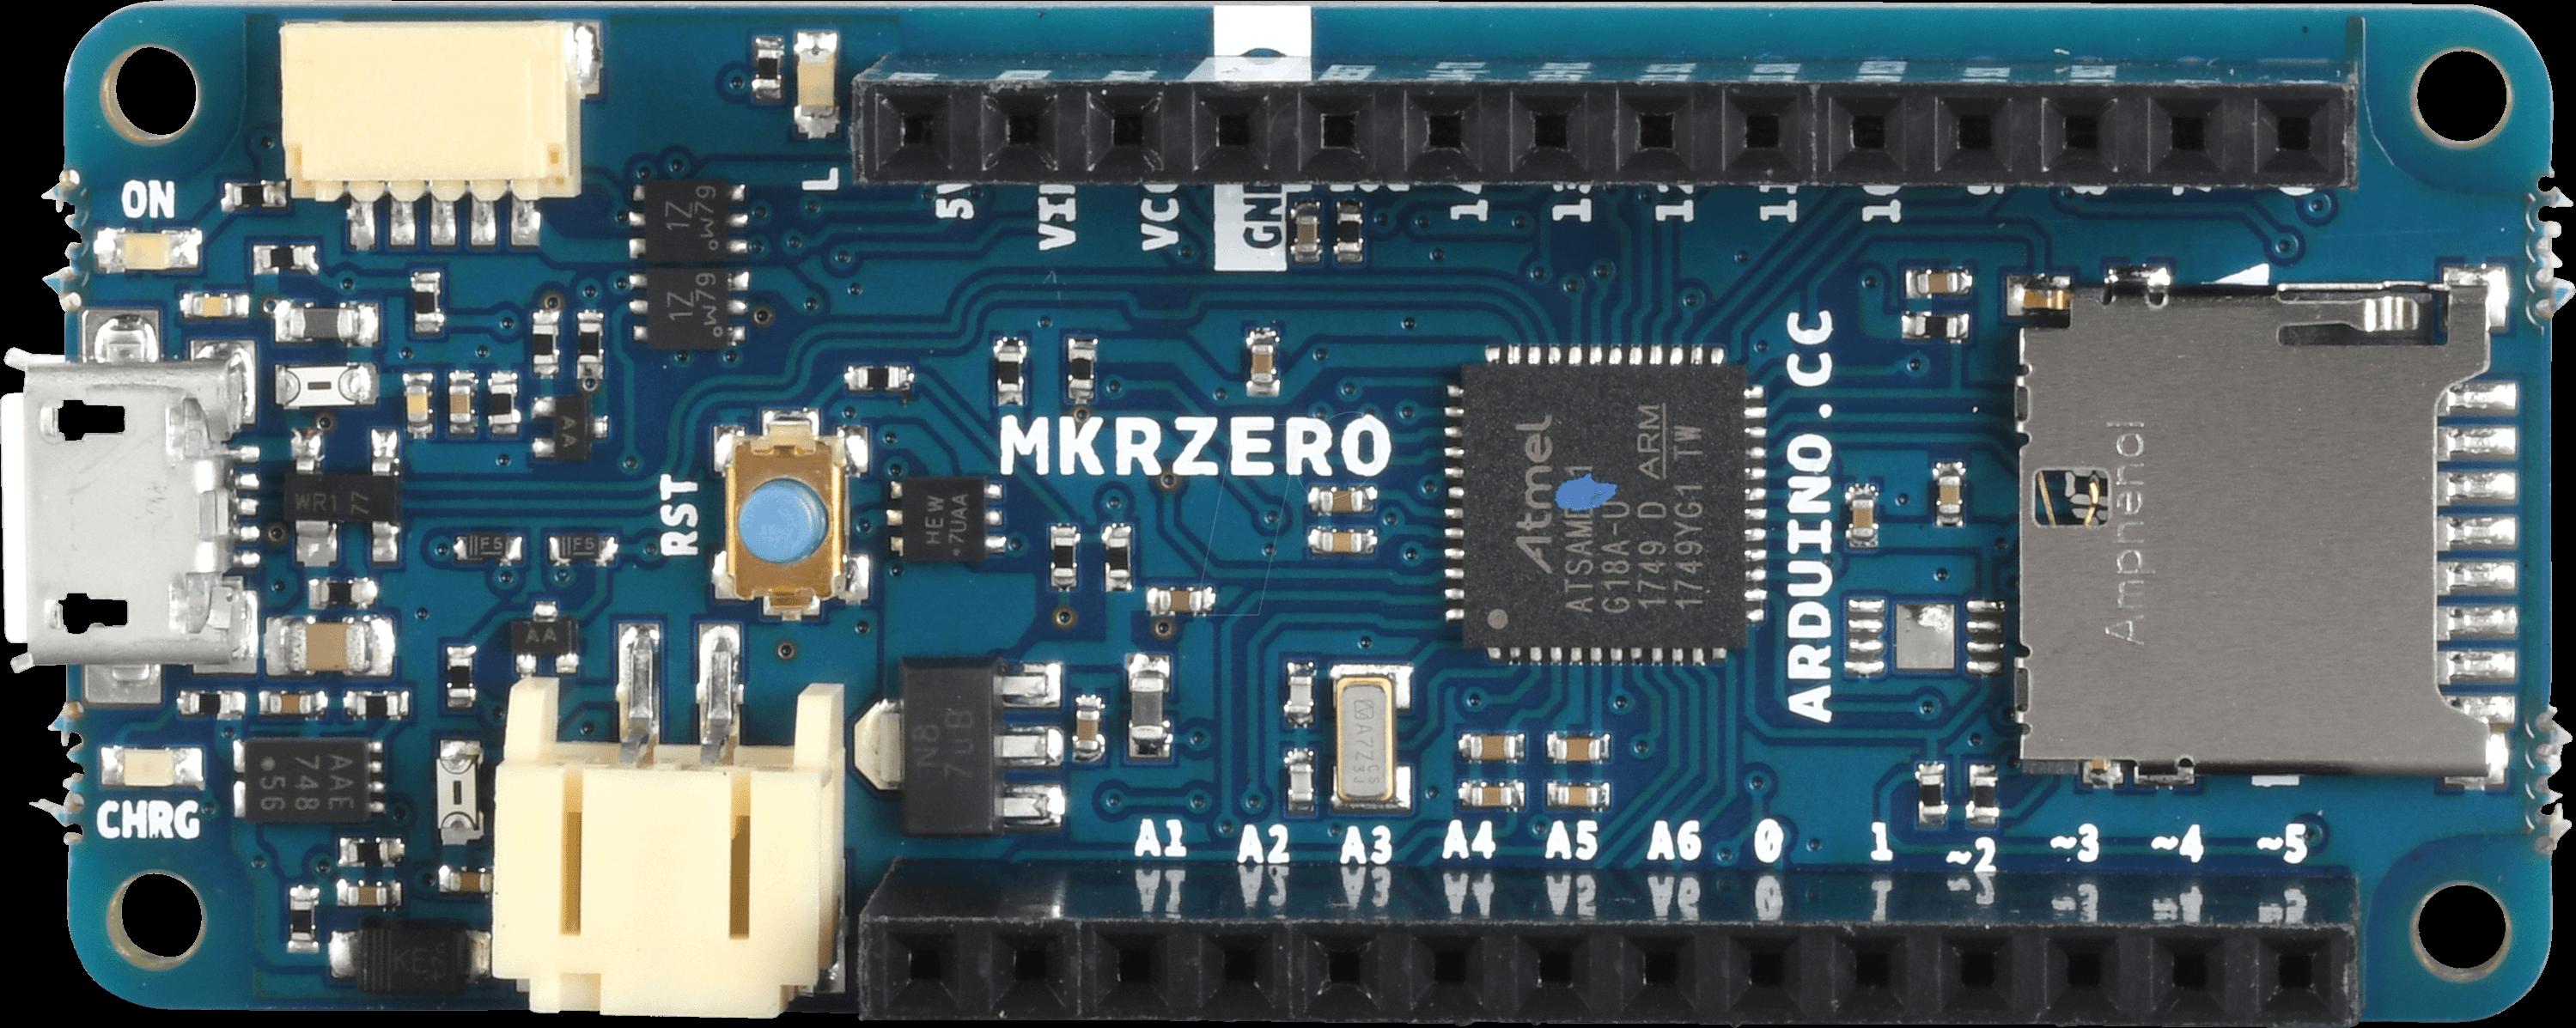 ARD MKR ZERO - Arduino MKR Zero, SAMD21 Cortex-M0+ 32 bit ARM